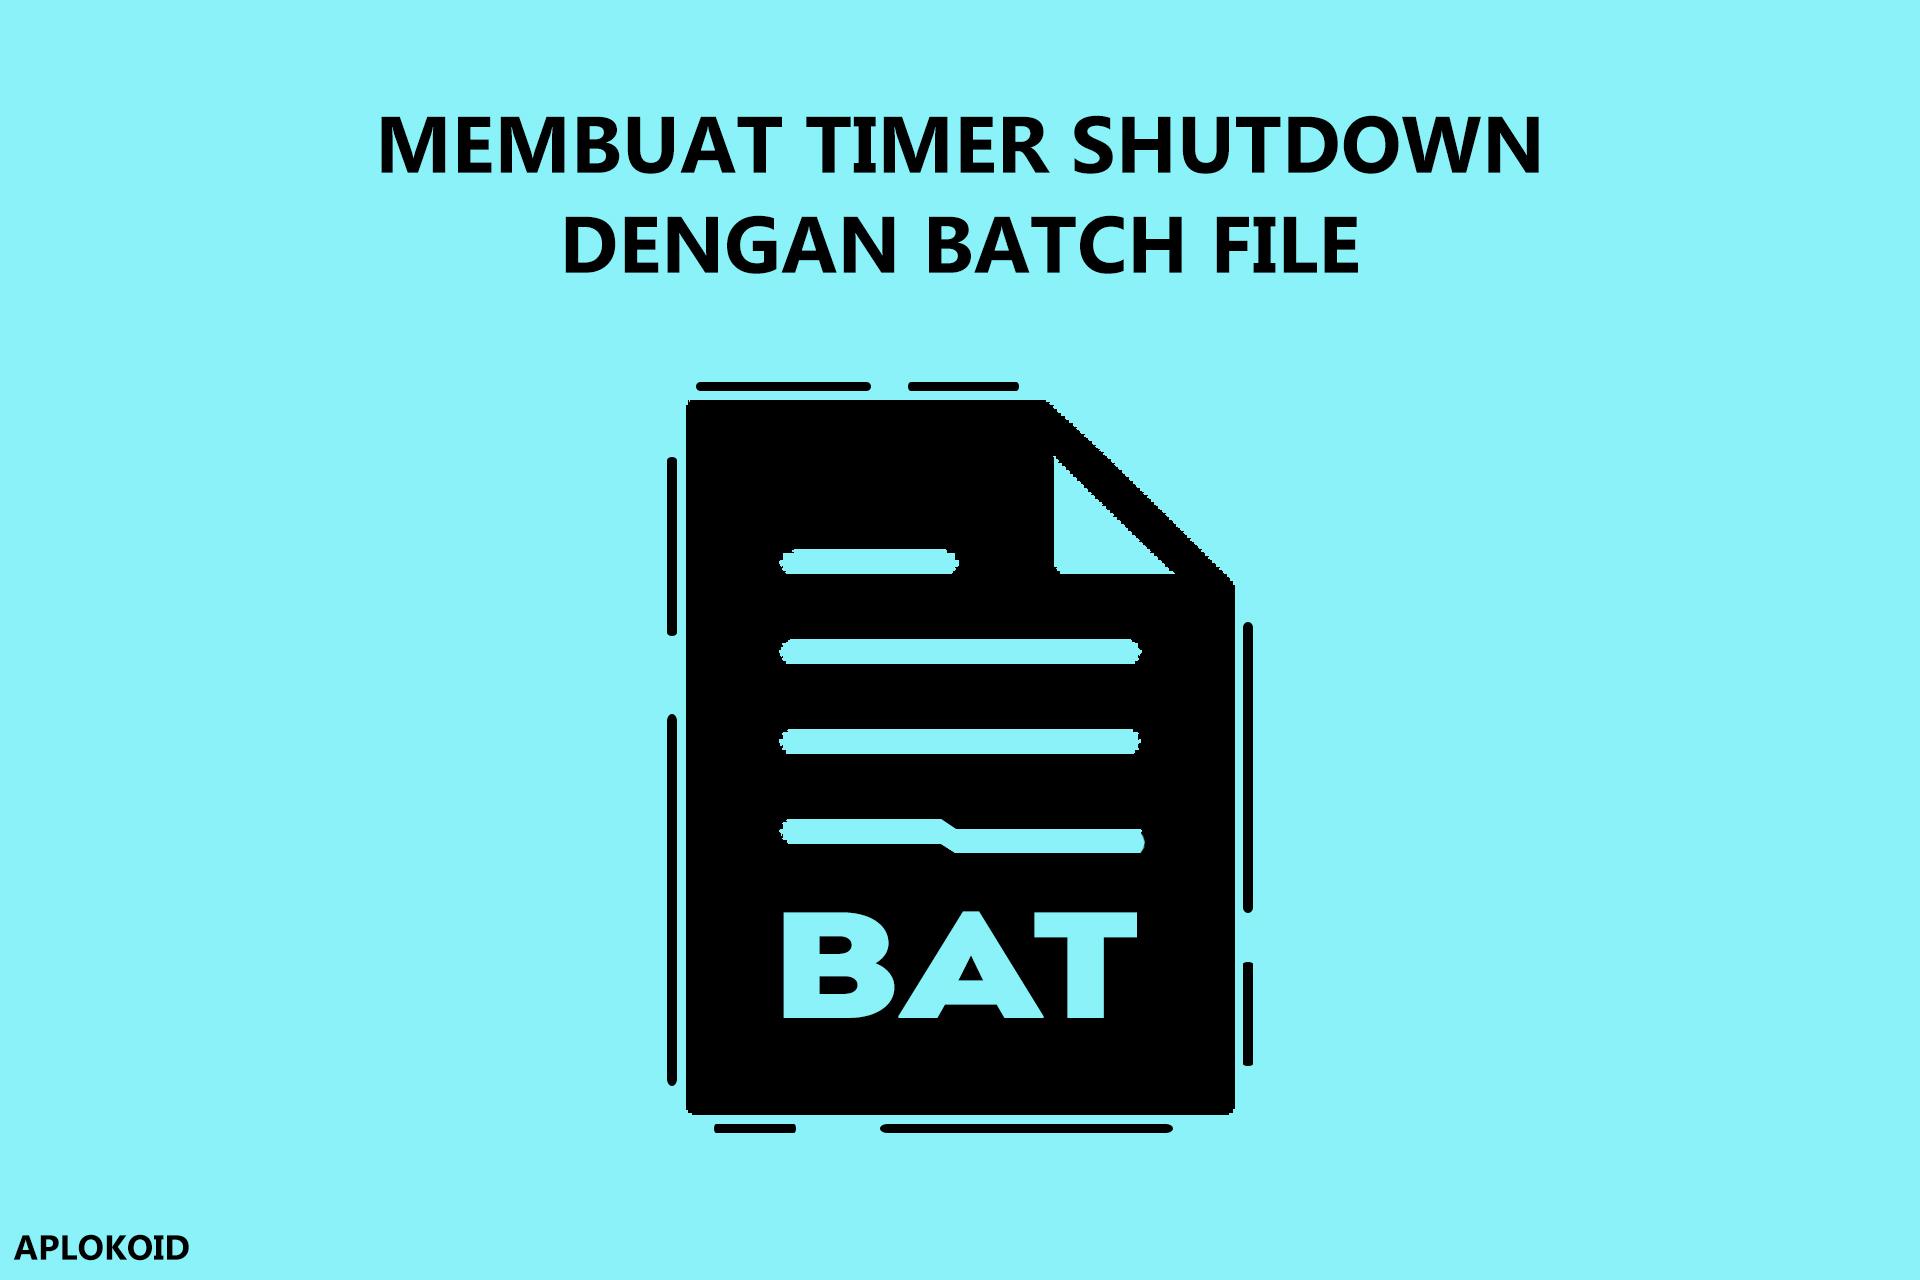 Membuat Timer Shutdown Menggunakan Notepad dan Batch File